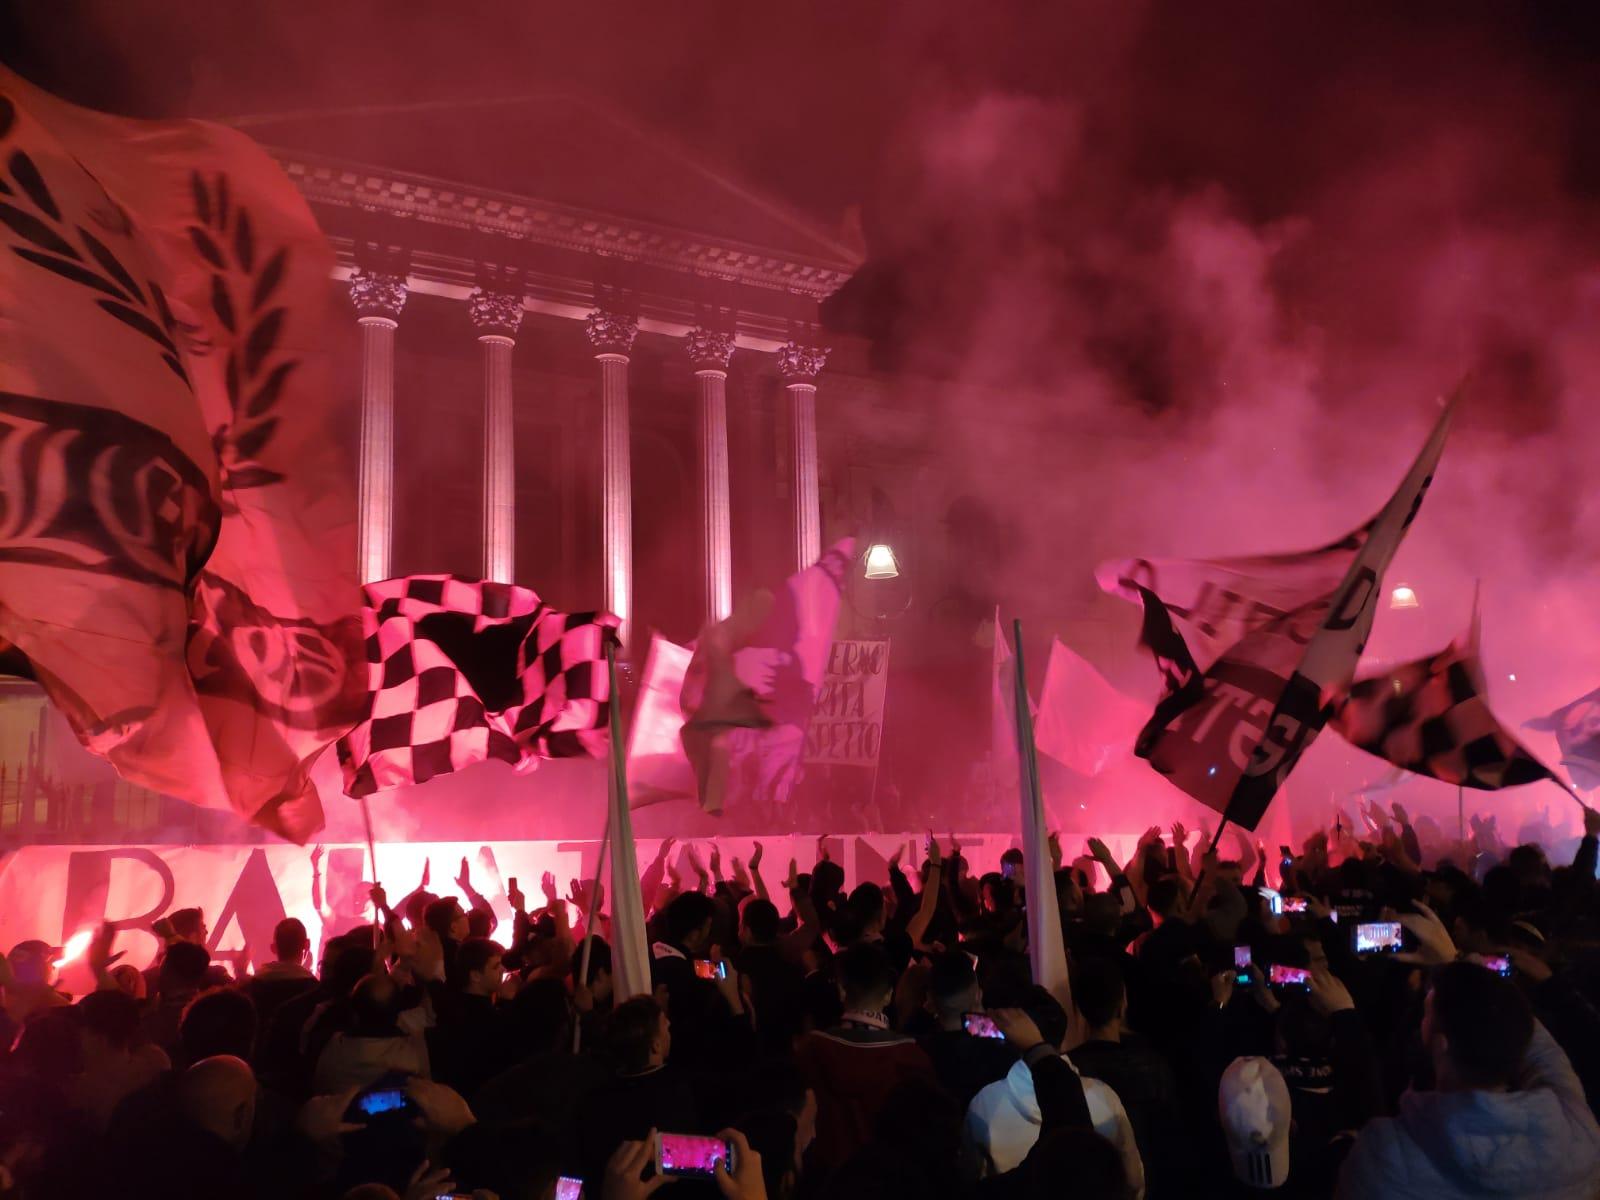 """""""I giorni del giudizio"""". Così Repubblica Palermo definisce leore frenetiche in cui ilclub rosanero attende notizie dalla Figc, che oggi si riunisce in Consiglio Federale, dopo aver presentato il ricorso in corte d'appello federale e l'istanza di sospensione dei playoff in attesa del secondo grado di giudizio, mentre scende in piazza la protesta dei tifosi (in duemila per le vie del centro) e le reazioni della politica, sia a livello locale che nazionale. ARIA PESANTE IN FEDERCALCIO: TRA PERQUISIZIONI E CAOS SERIE B Come riportato da Valerio Tripi, ilconsiglio federale si riunirà oggi alle 11,30 a Roma, ma sarà al"""